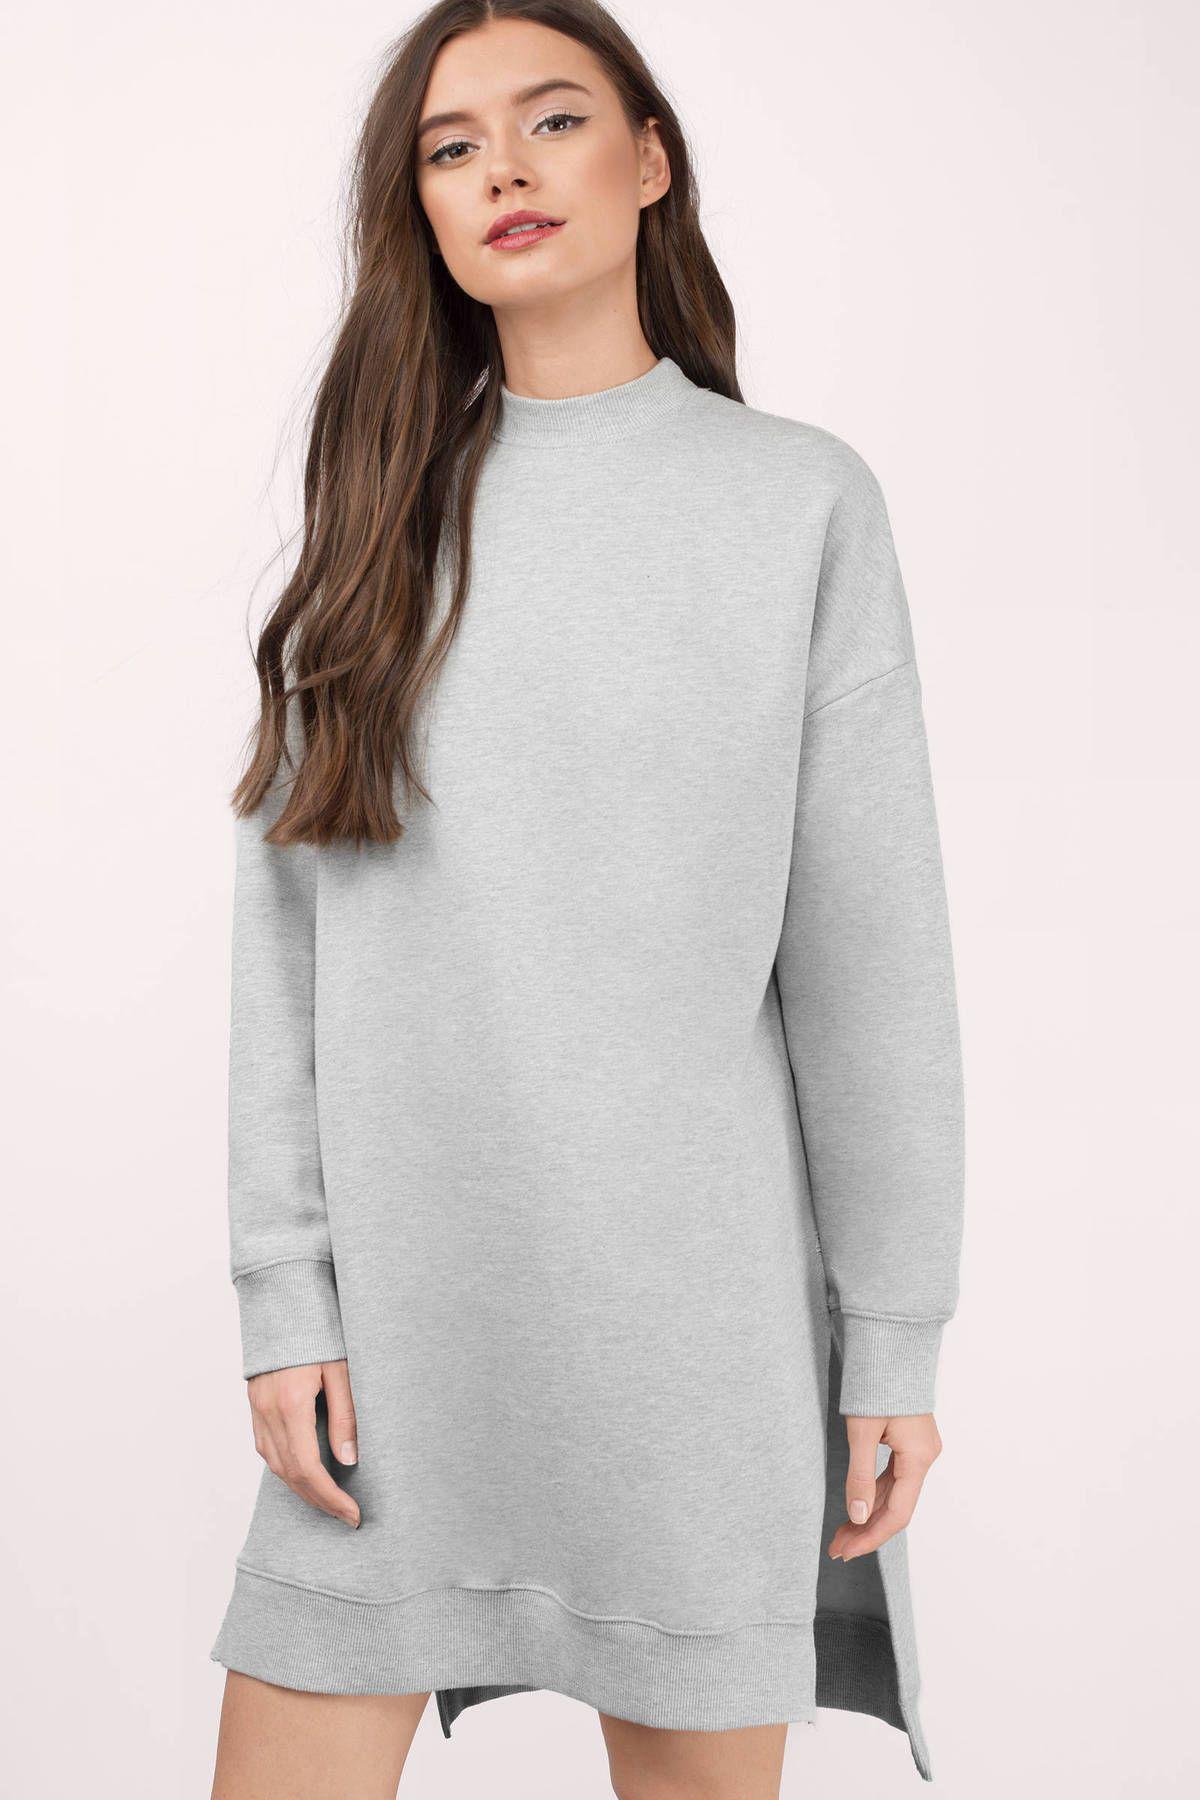 Laura Mock Neck Tunic Sweatshirt | Basic outfits, Grey sweatshirt ...